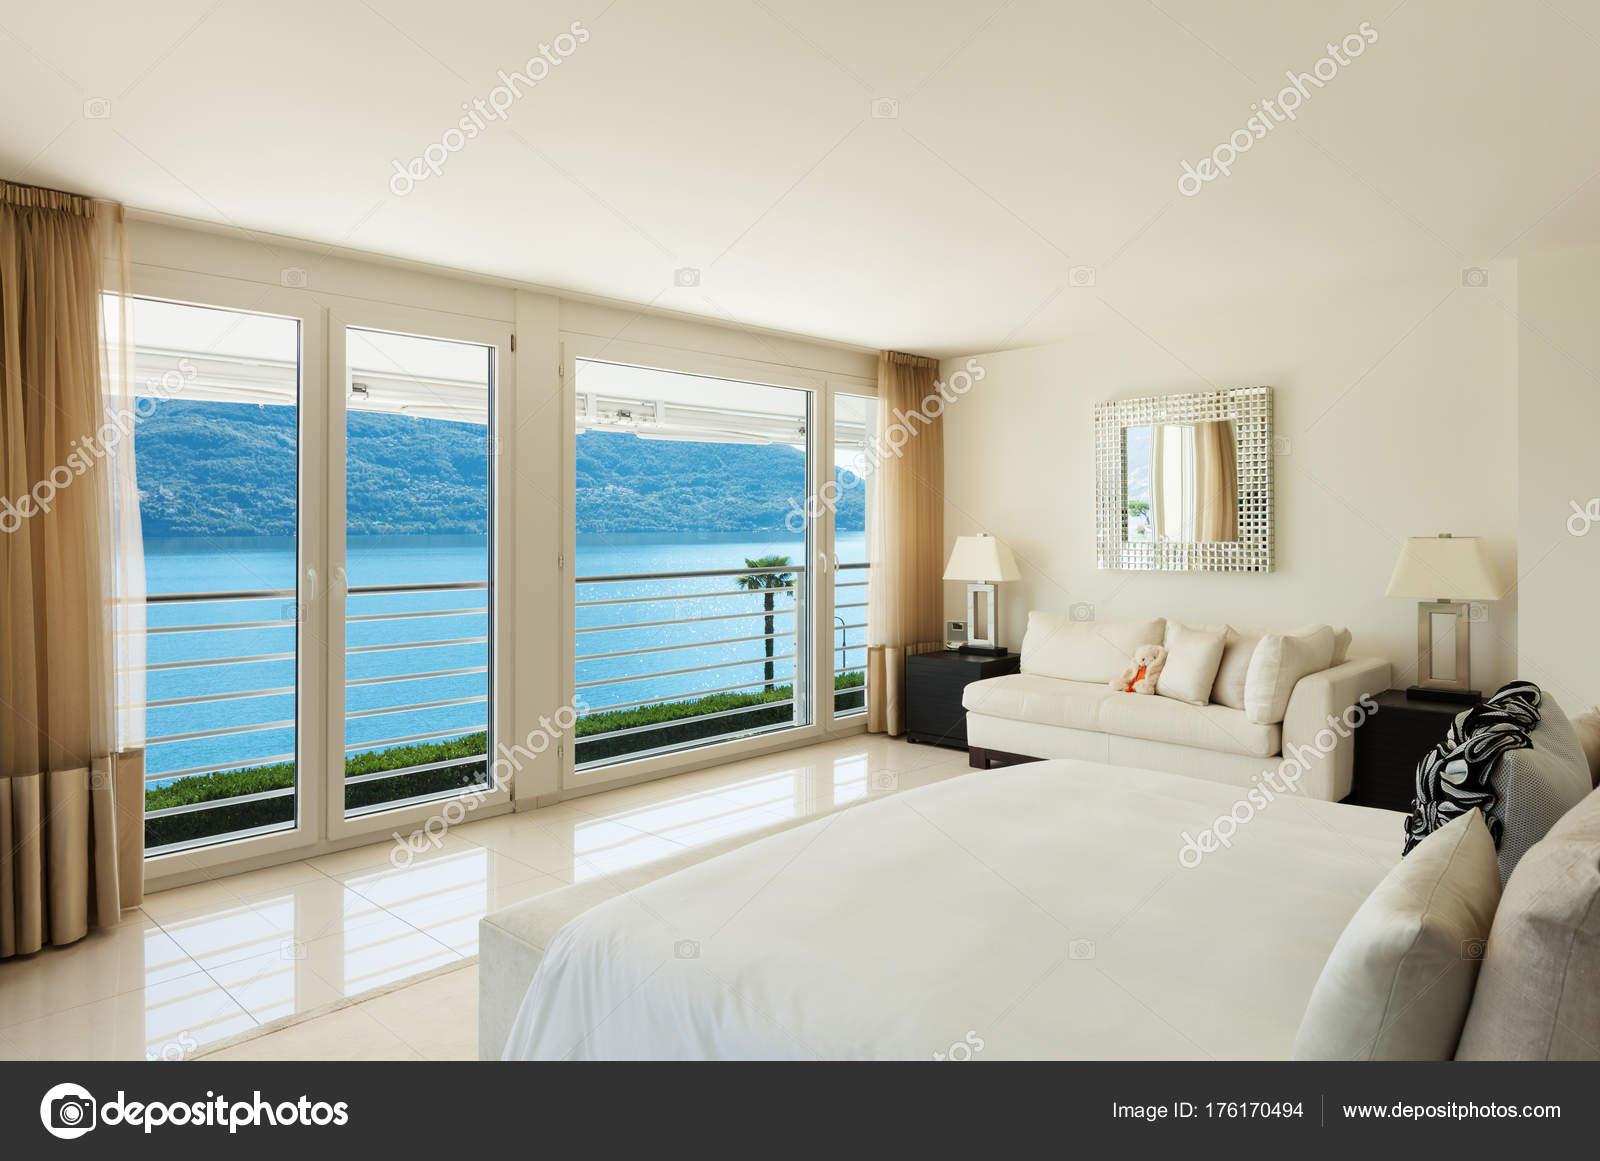 Modern interieur, slaapkamer — Stockfoto © Zveiger #176170494